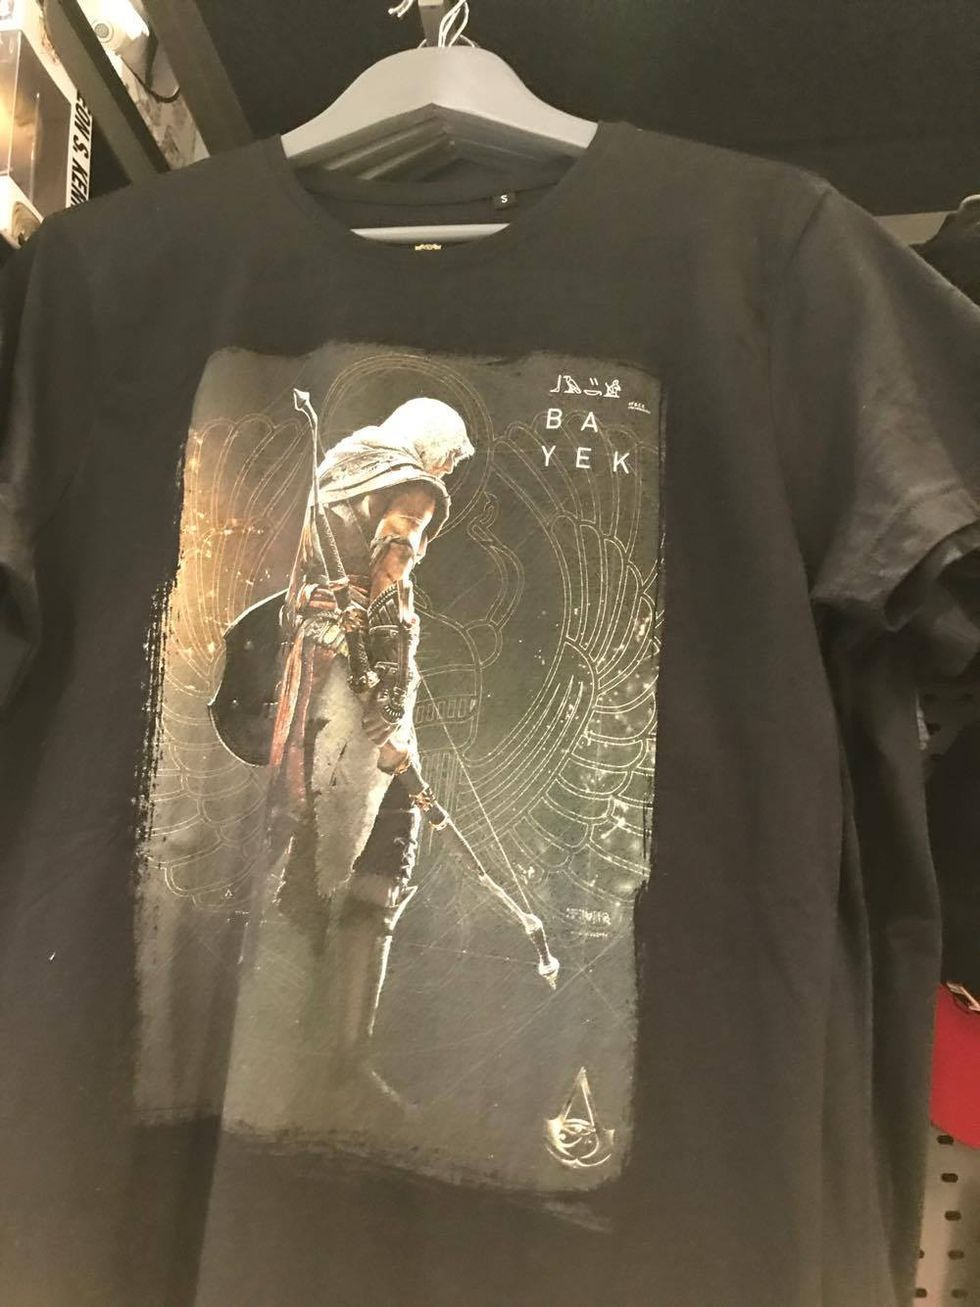 Huvudpersonen i Assassin's Creed: Origins heter Ba Yek